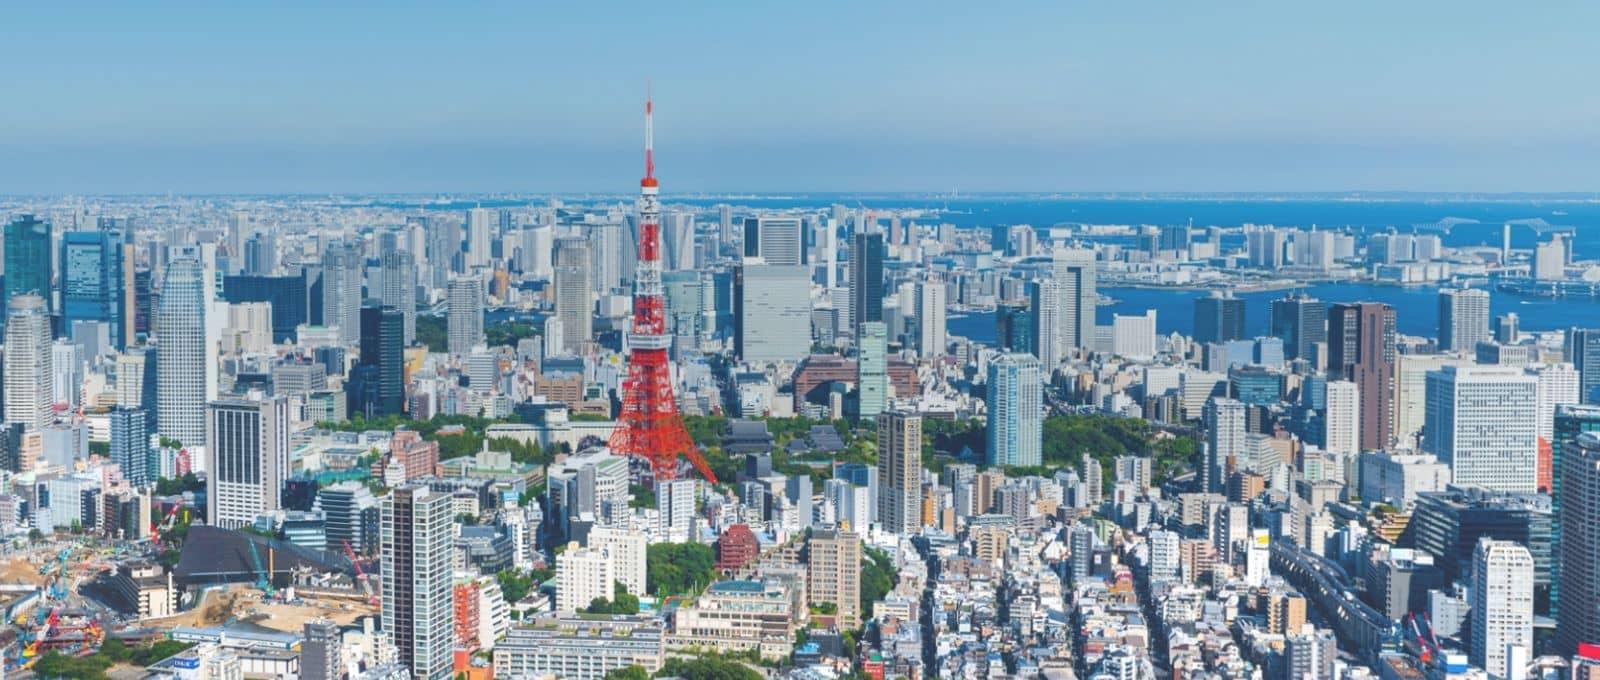 海外スタートアップの日本進出支援